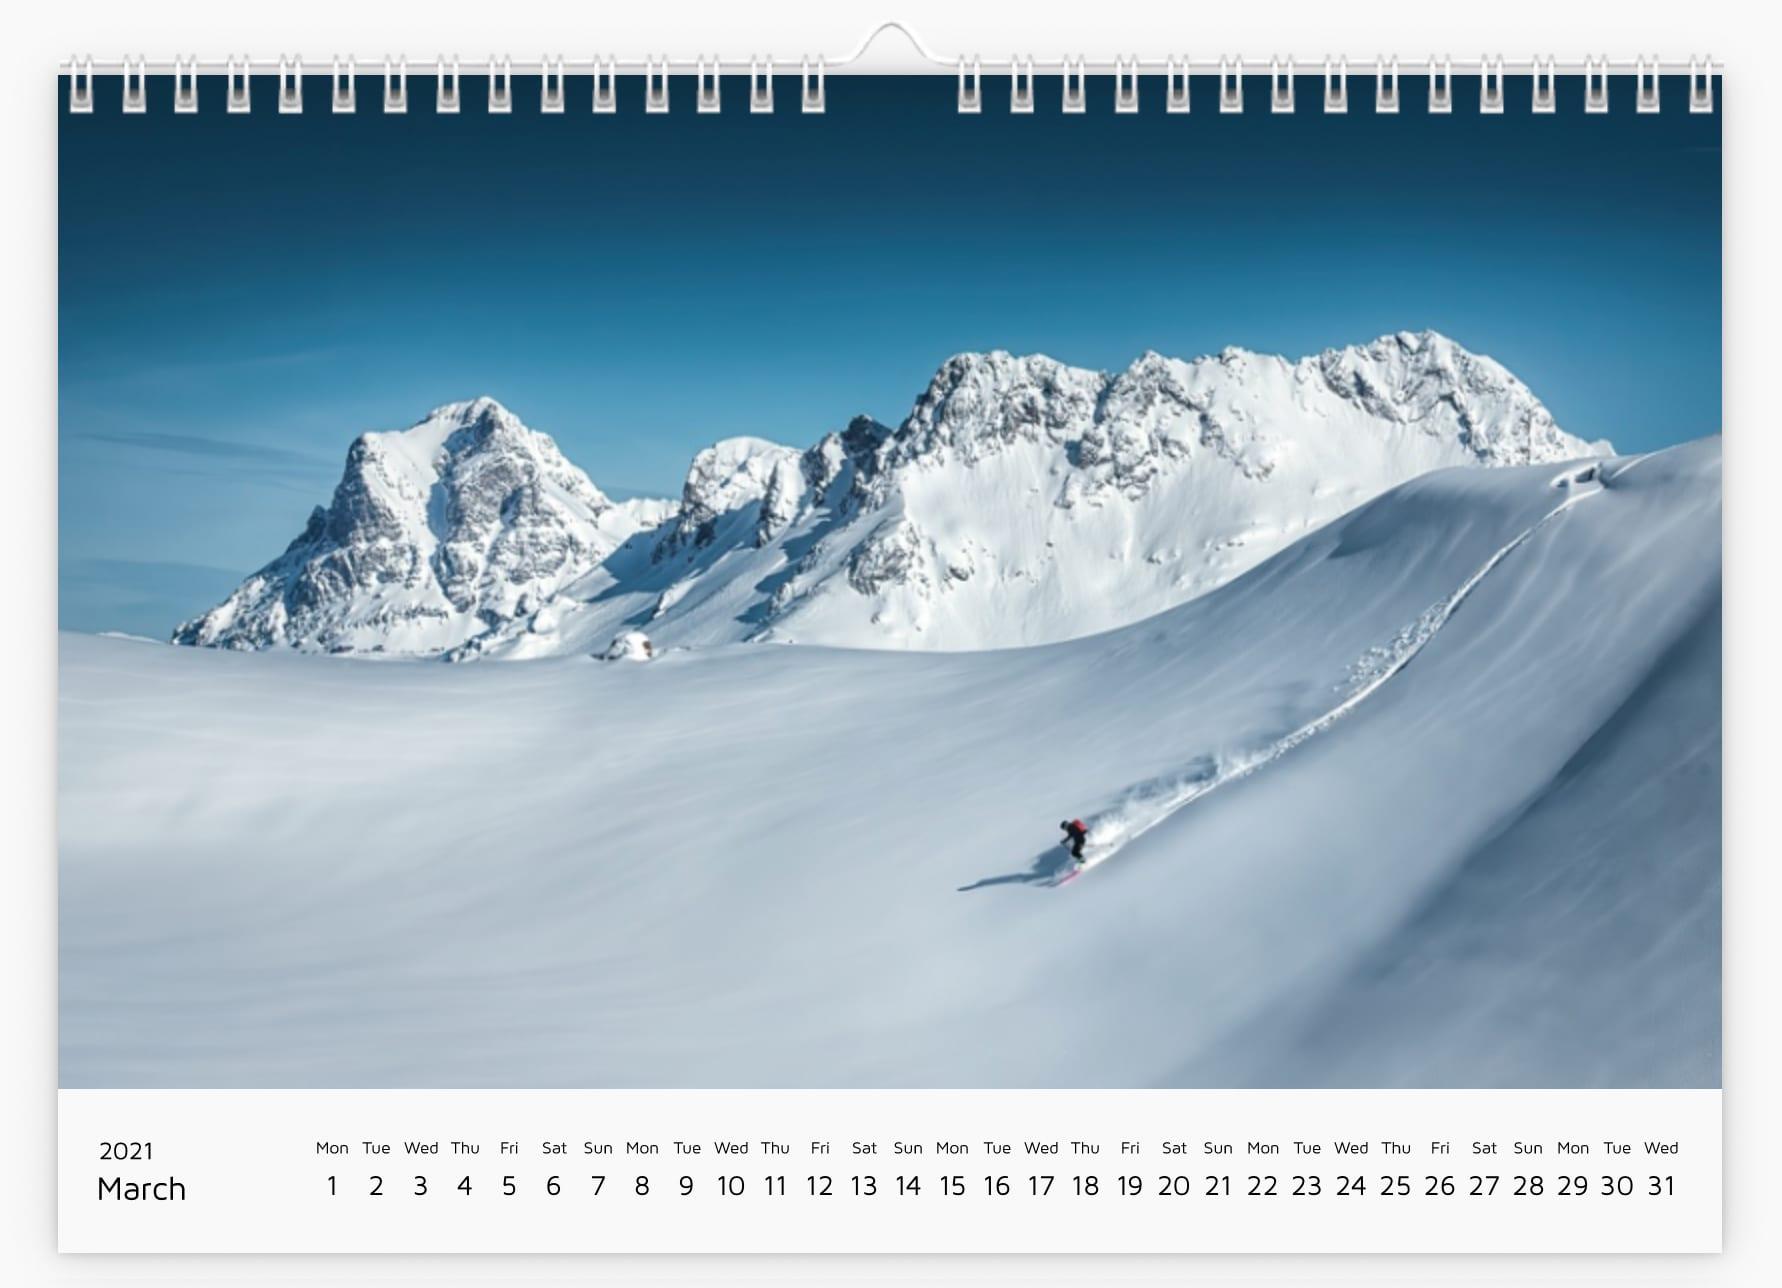 March - Calendar 2021